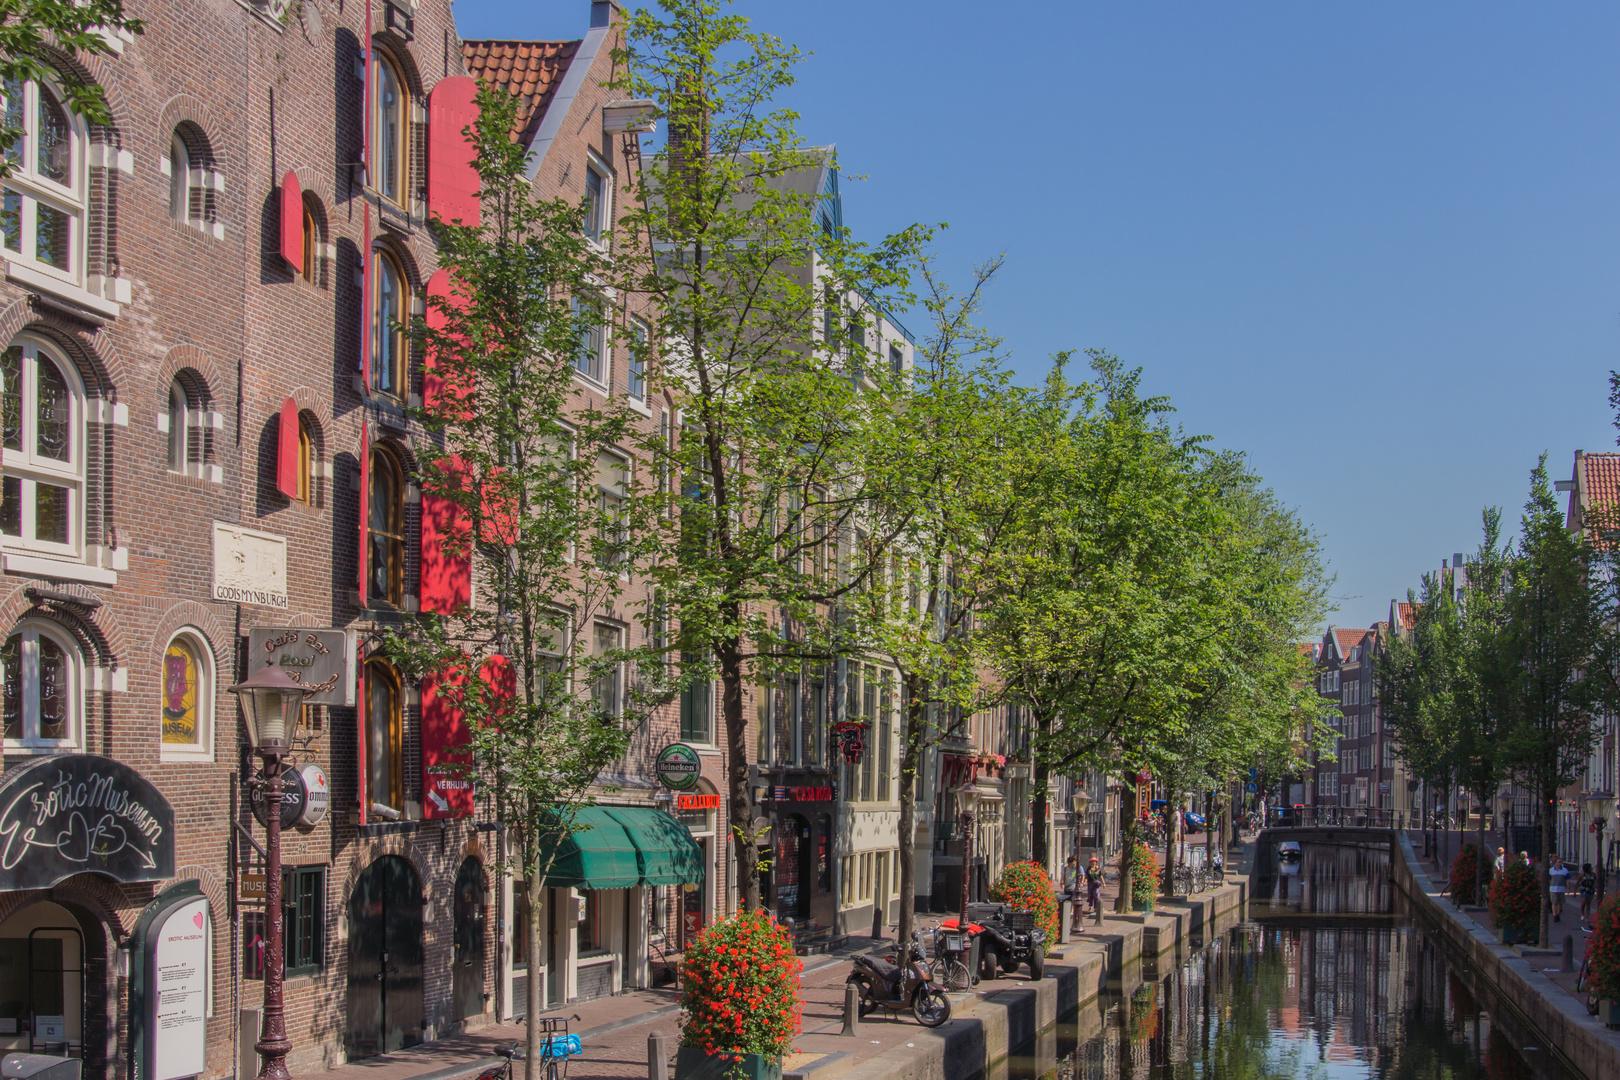 Grachtenansicht IV - Amsterdam